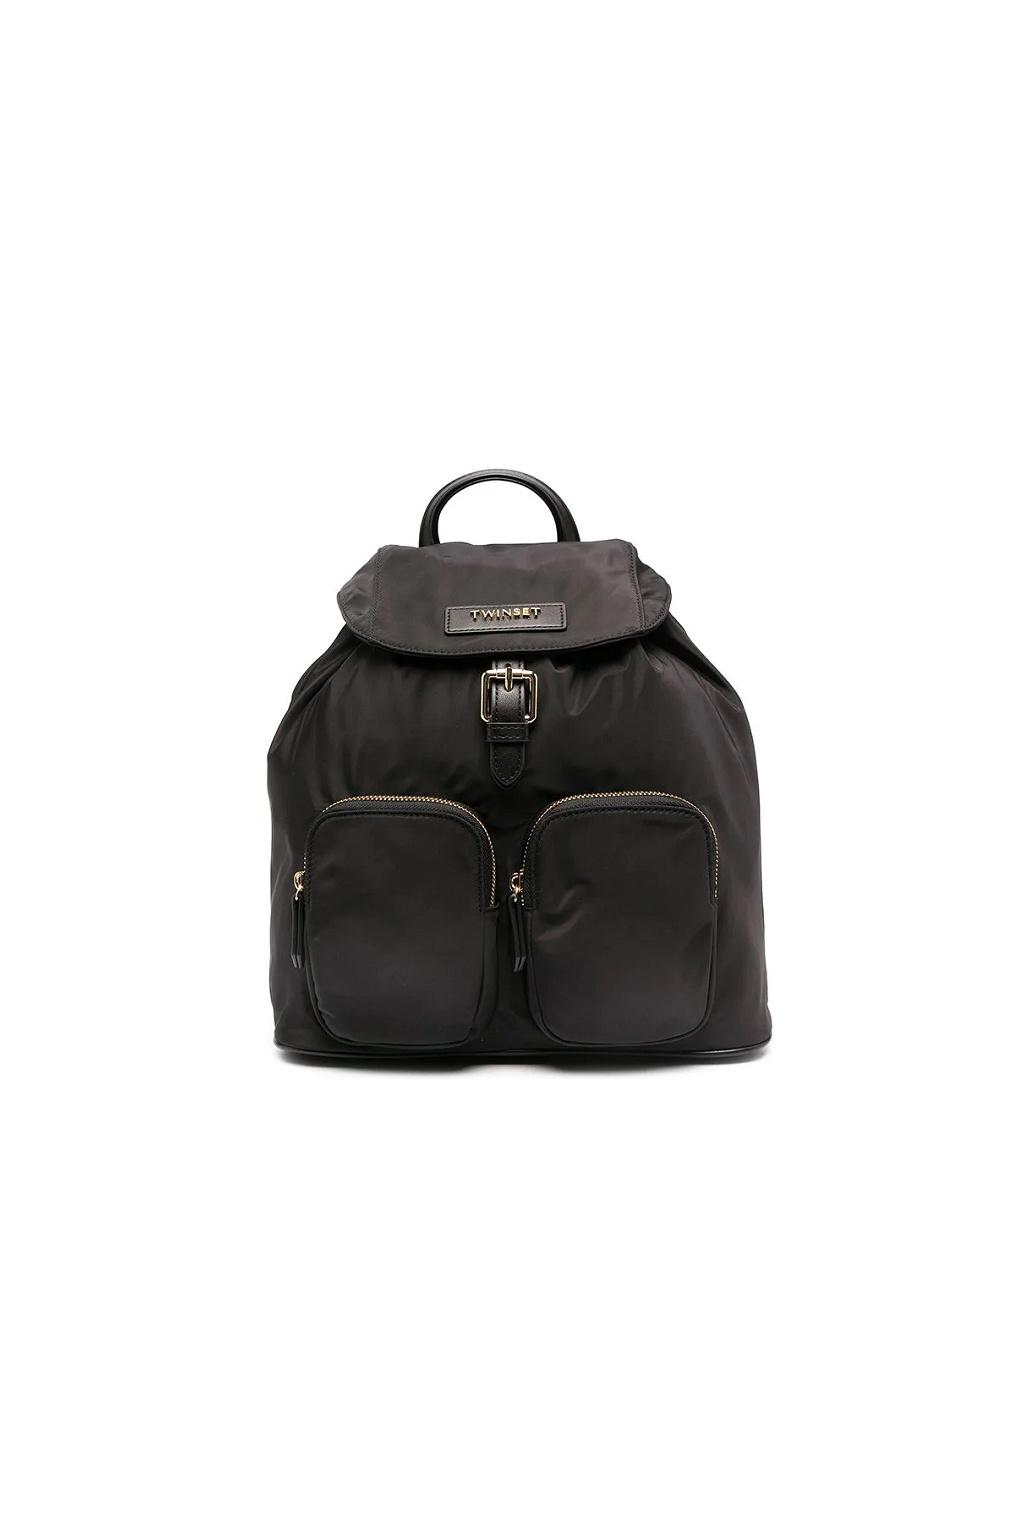 Dámský batoh Twinset 202TD8081 černý